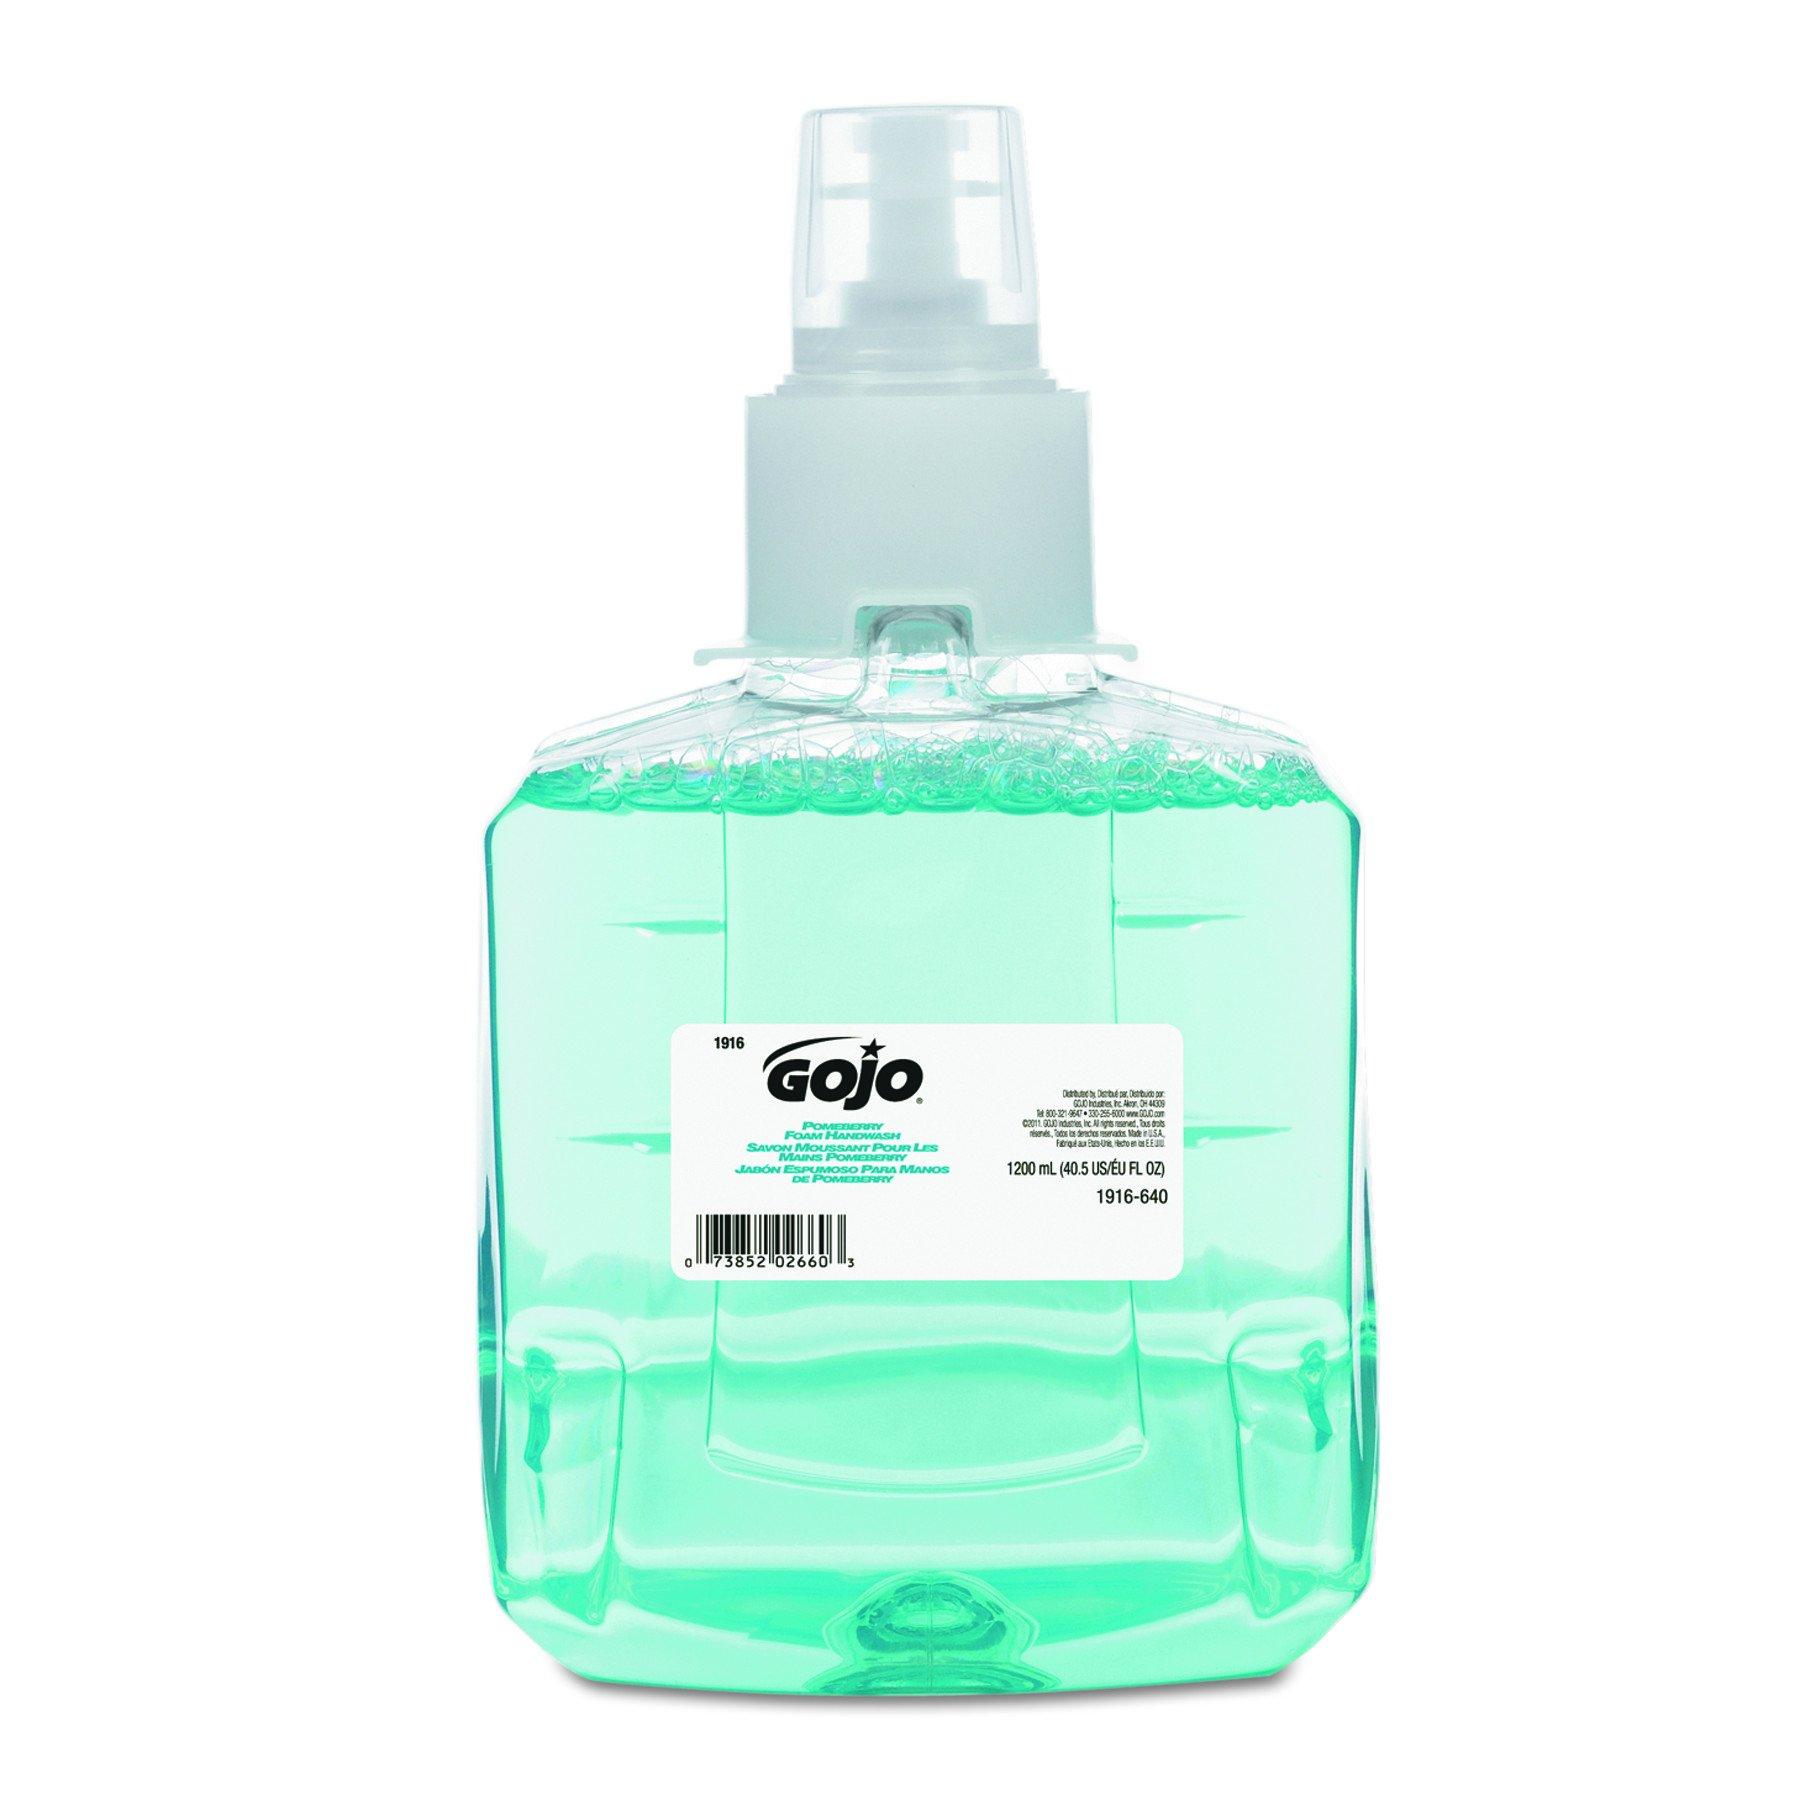 GOJO 191602CT Pomeberry Foam Handwash Refill, Pomegranate, 1200mL Refill (Case of 2)